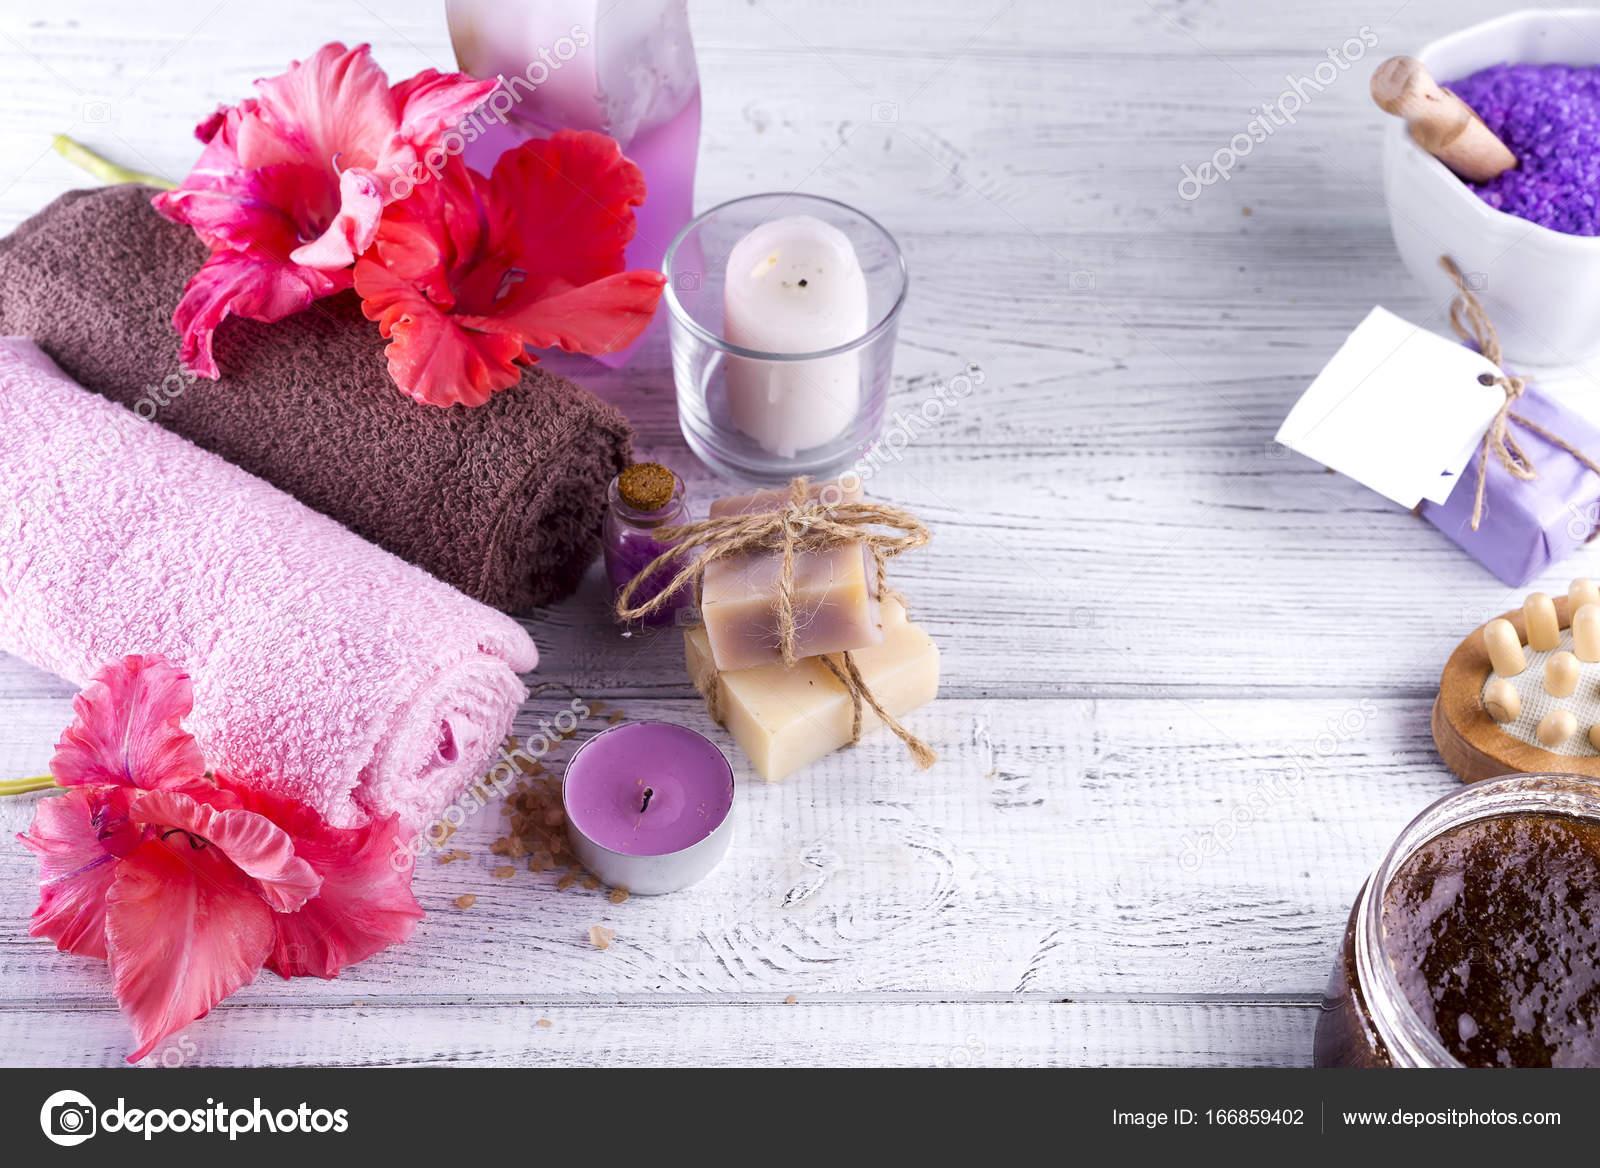 Spa wellness blumen  Wellness Blumen und Kerzen — Stockfoto © lyulka.86 #166859402